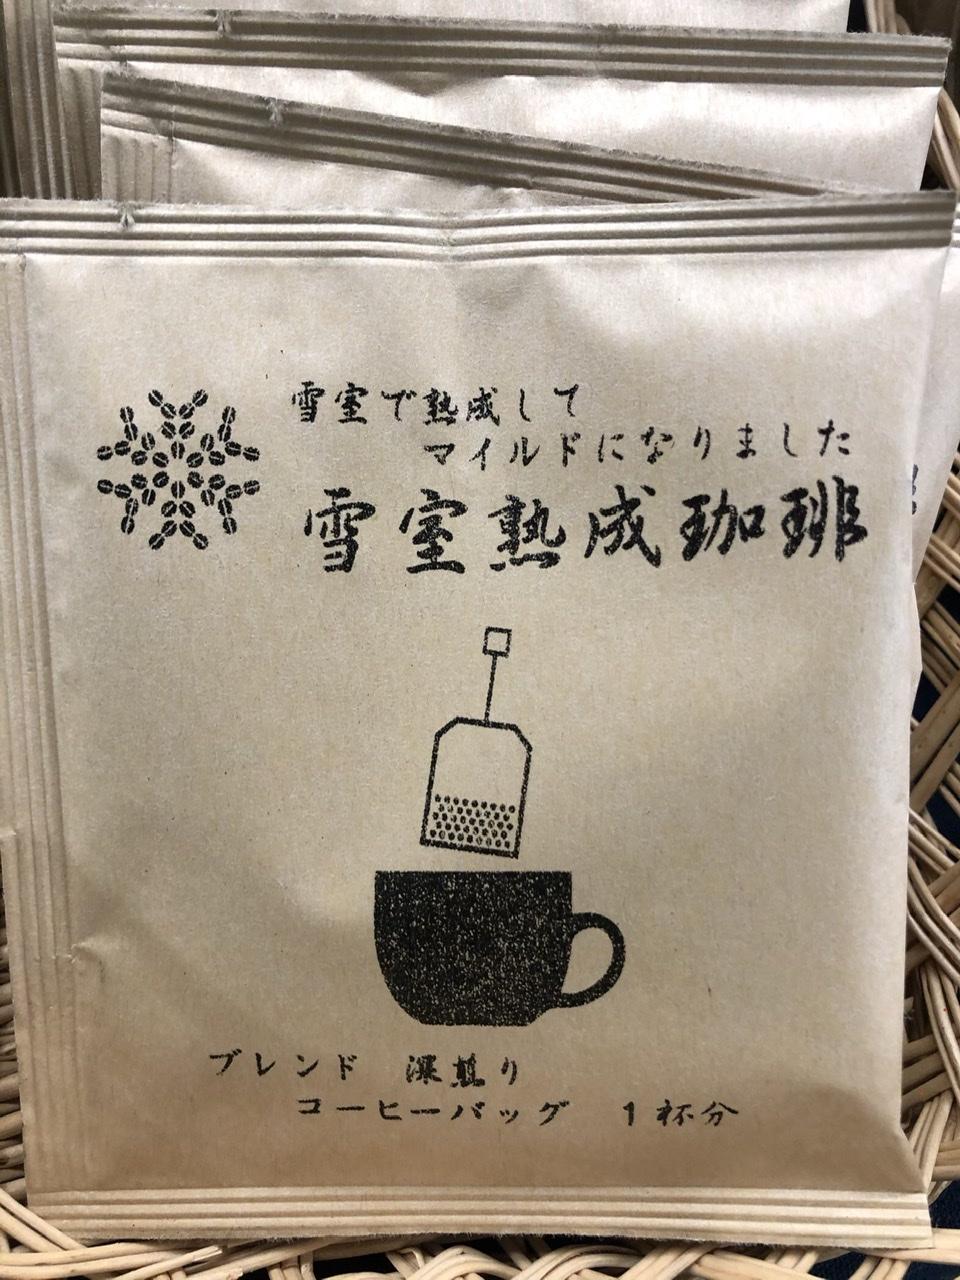 雪室熟成珈琲!:画像